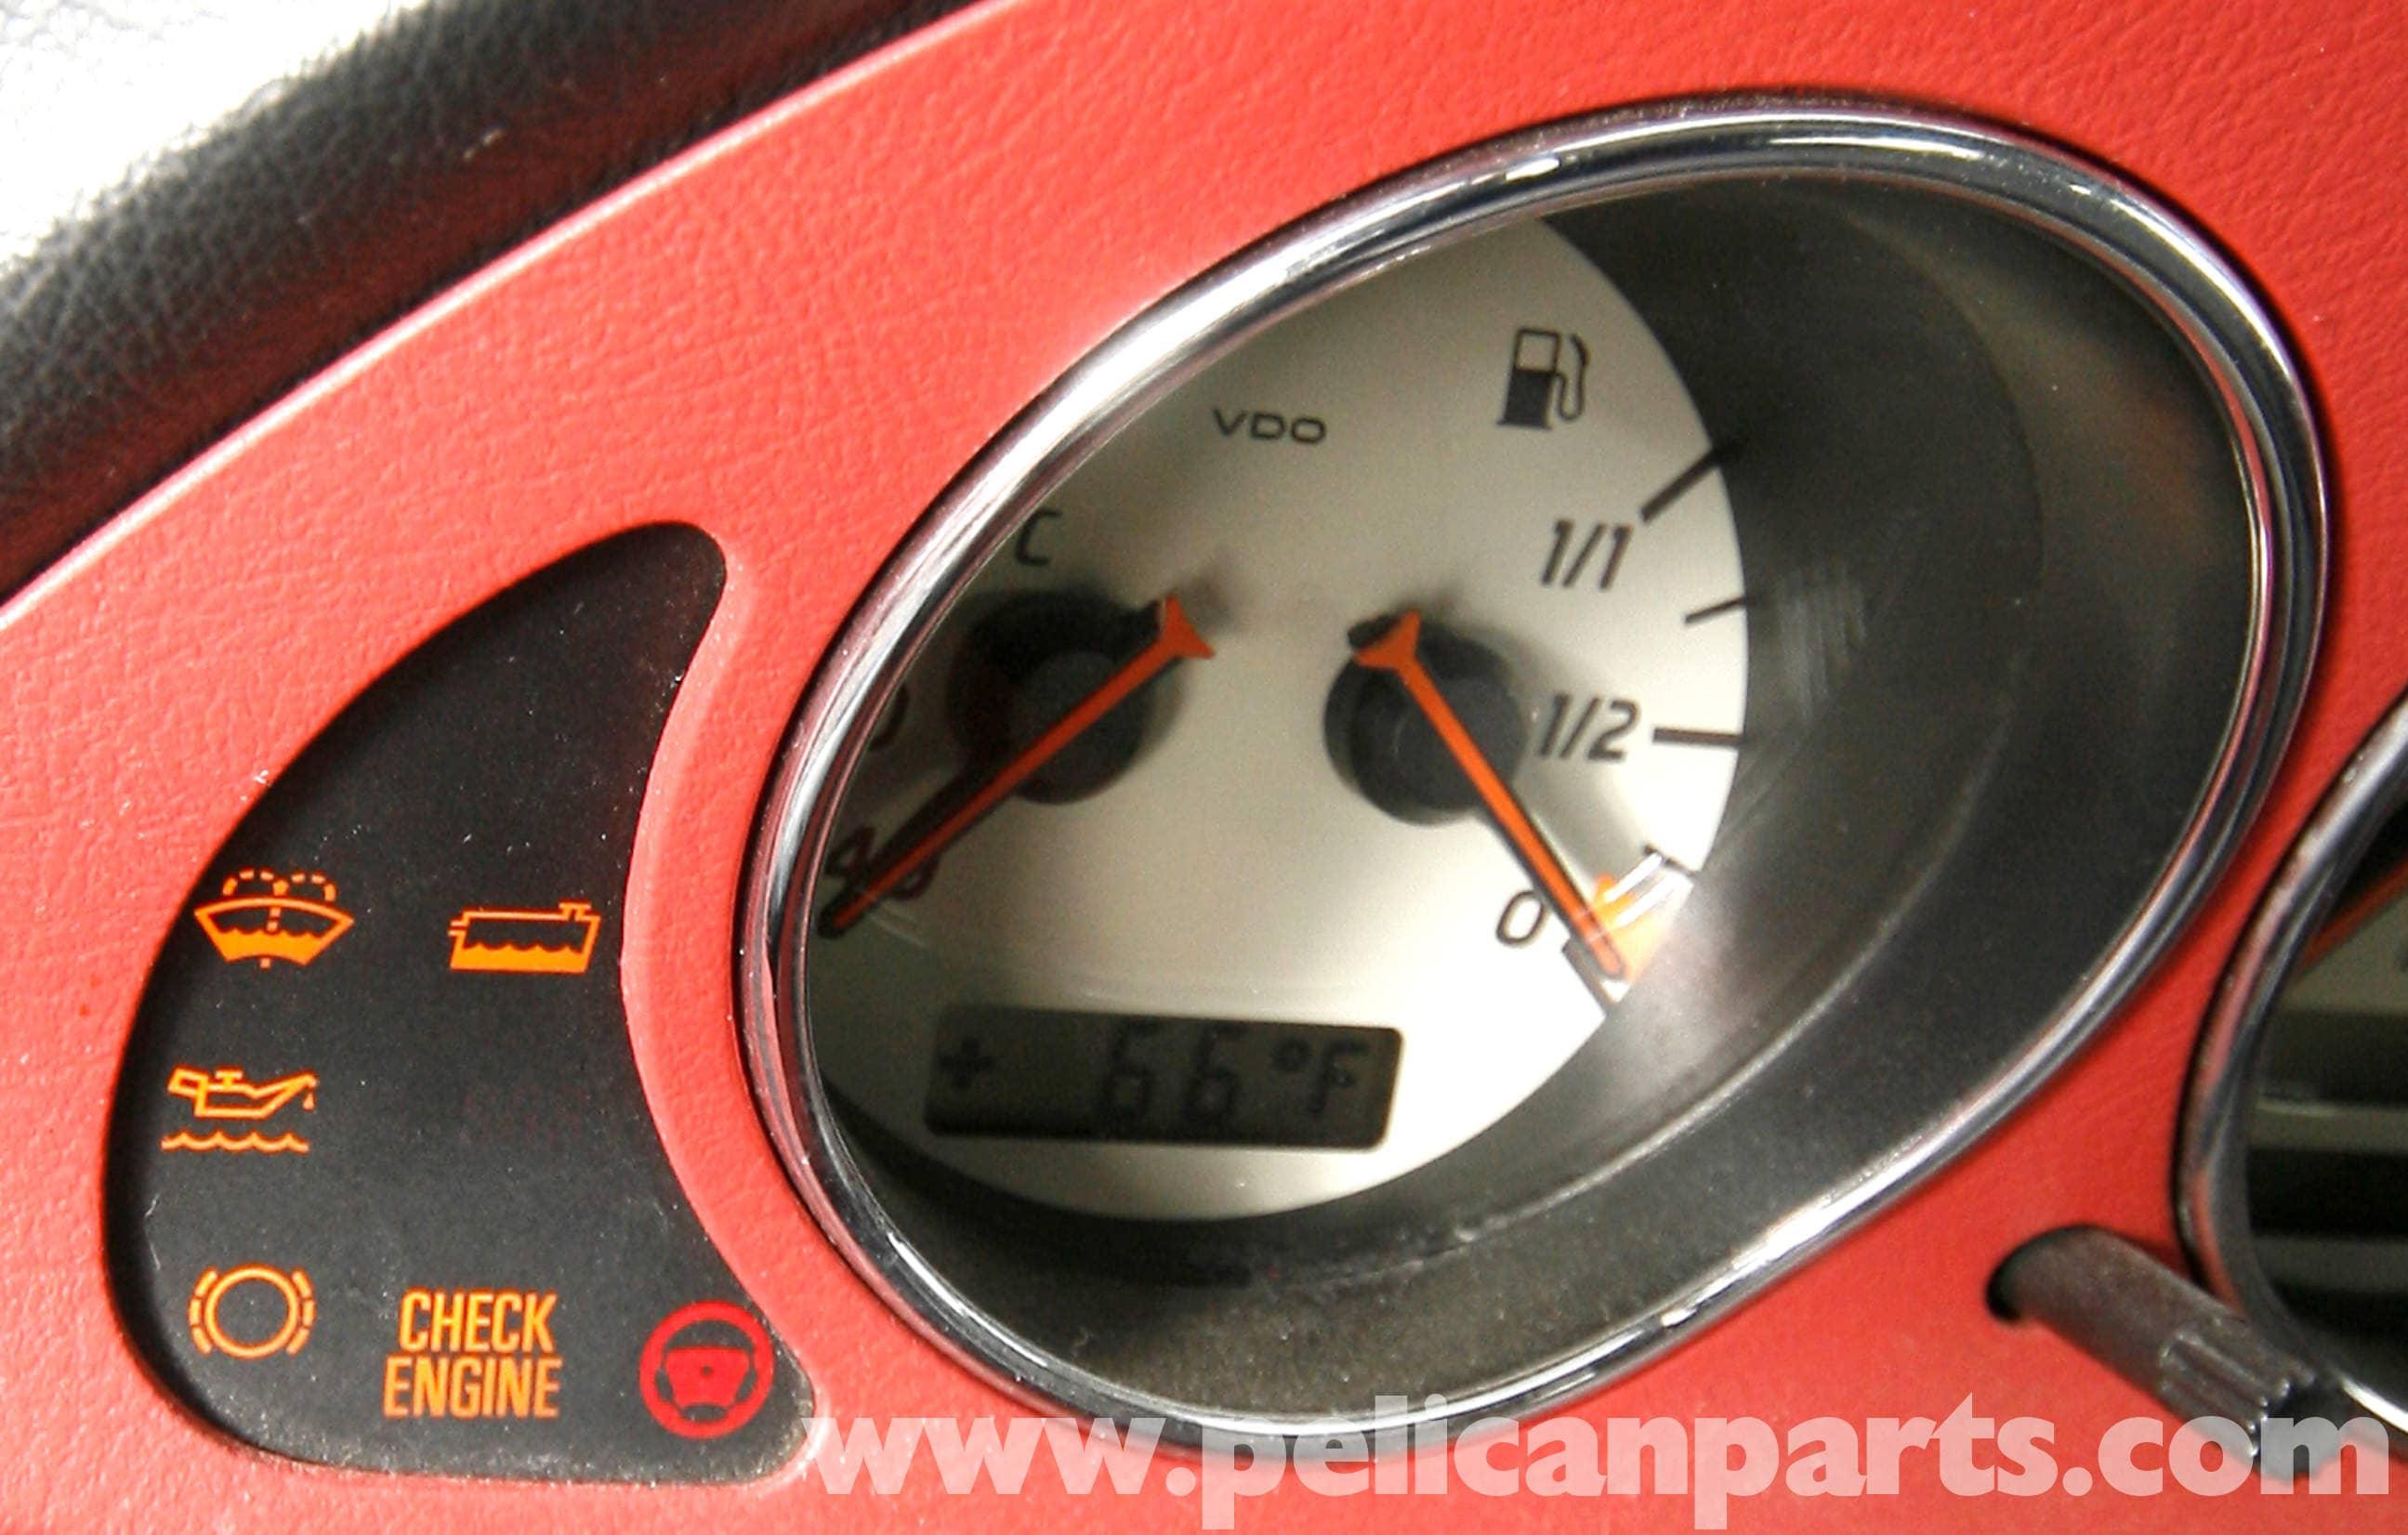 NEWZQ Engine Oil Level Sensor 0005427818 for Mercedes R170 W163 W202 W208 W211